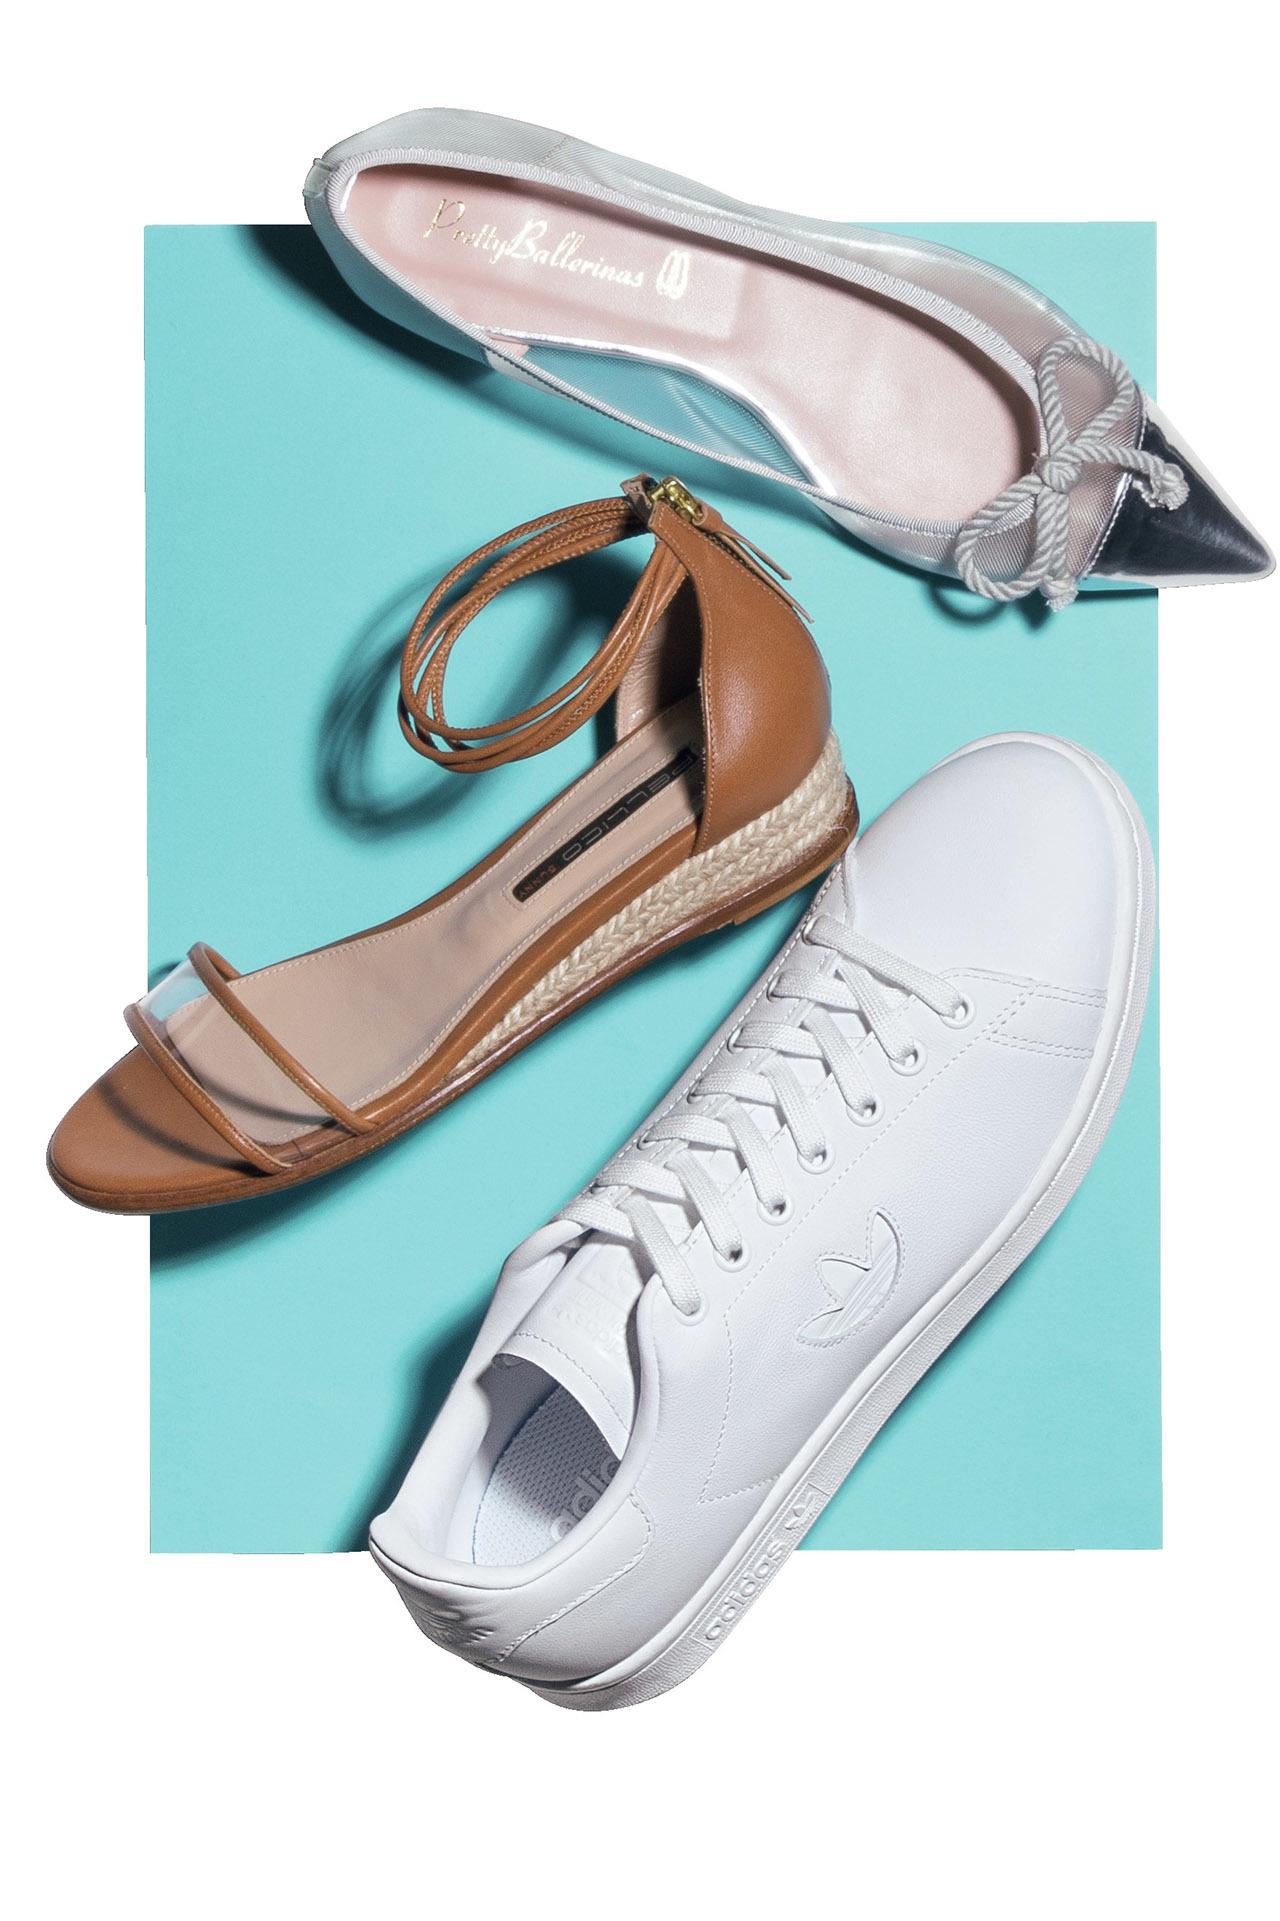 エクラ世代の初夏の足元、ちょっと甘めテイストに合うのはこんな靴! 五選_1_1-5